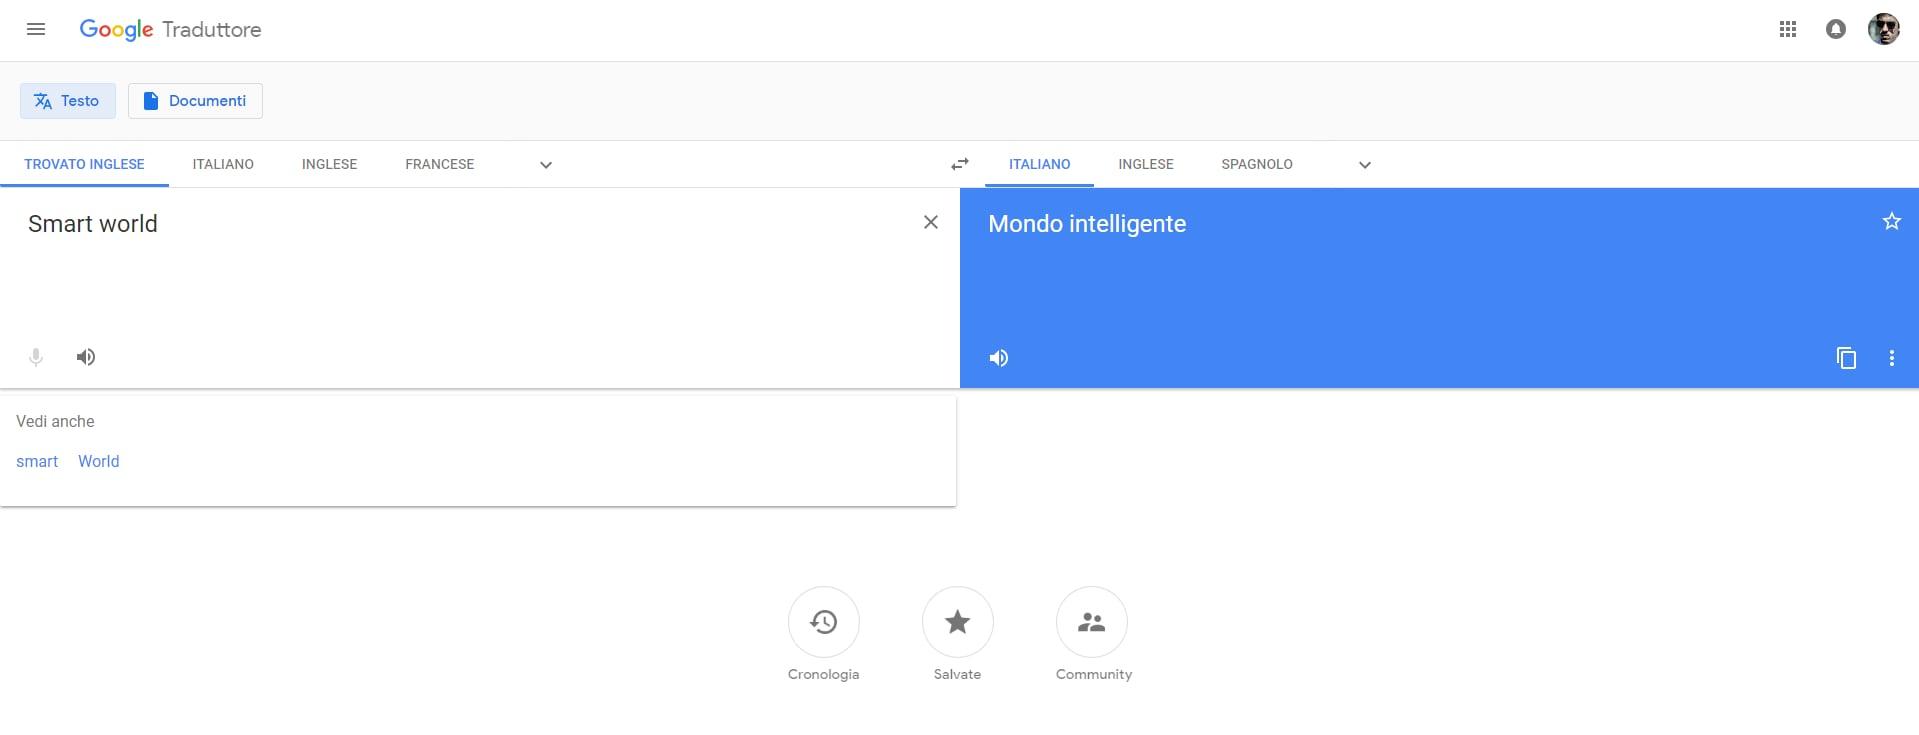 Google traduttore si rif il look sul web finalmente arriva il material design foto smartworld - Traduttore simultaneo italiano inglese portatile ...